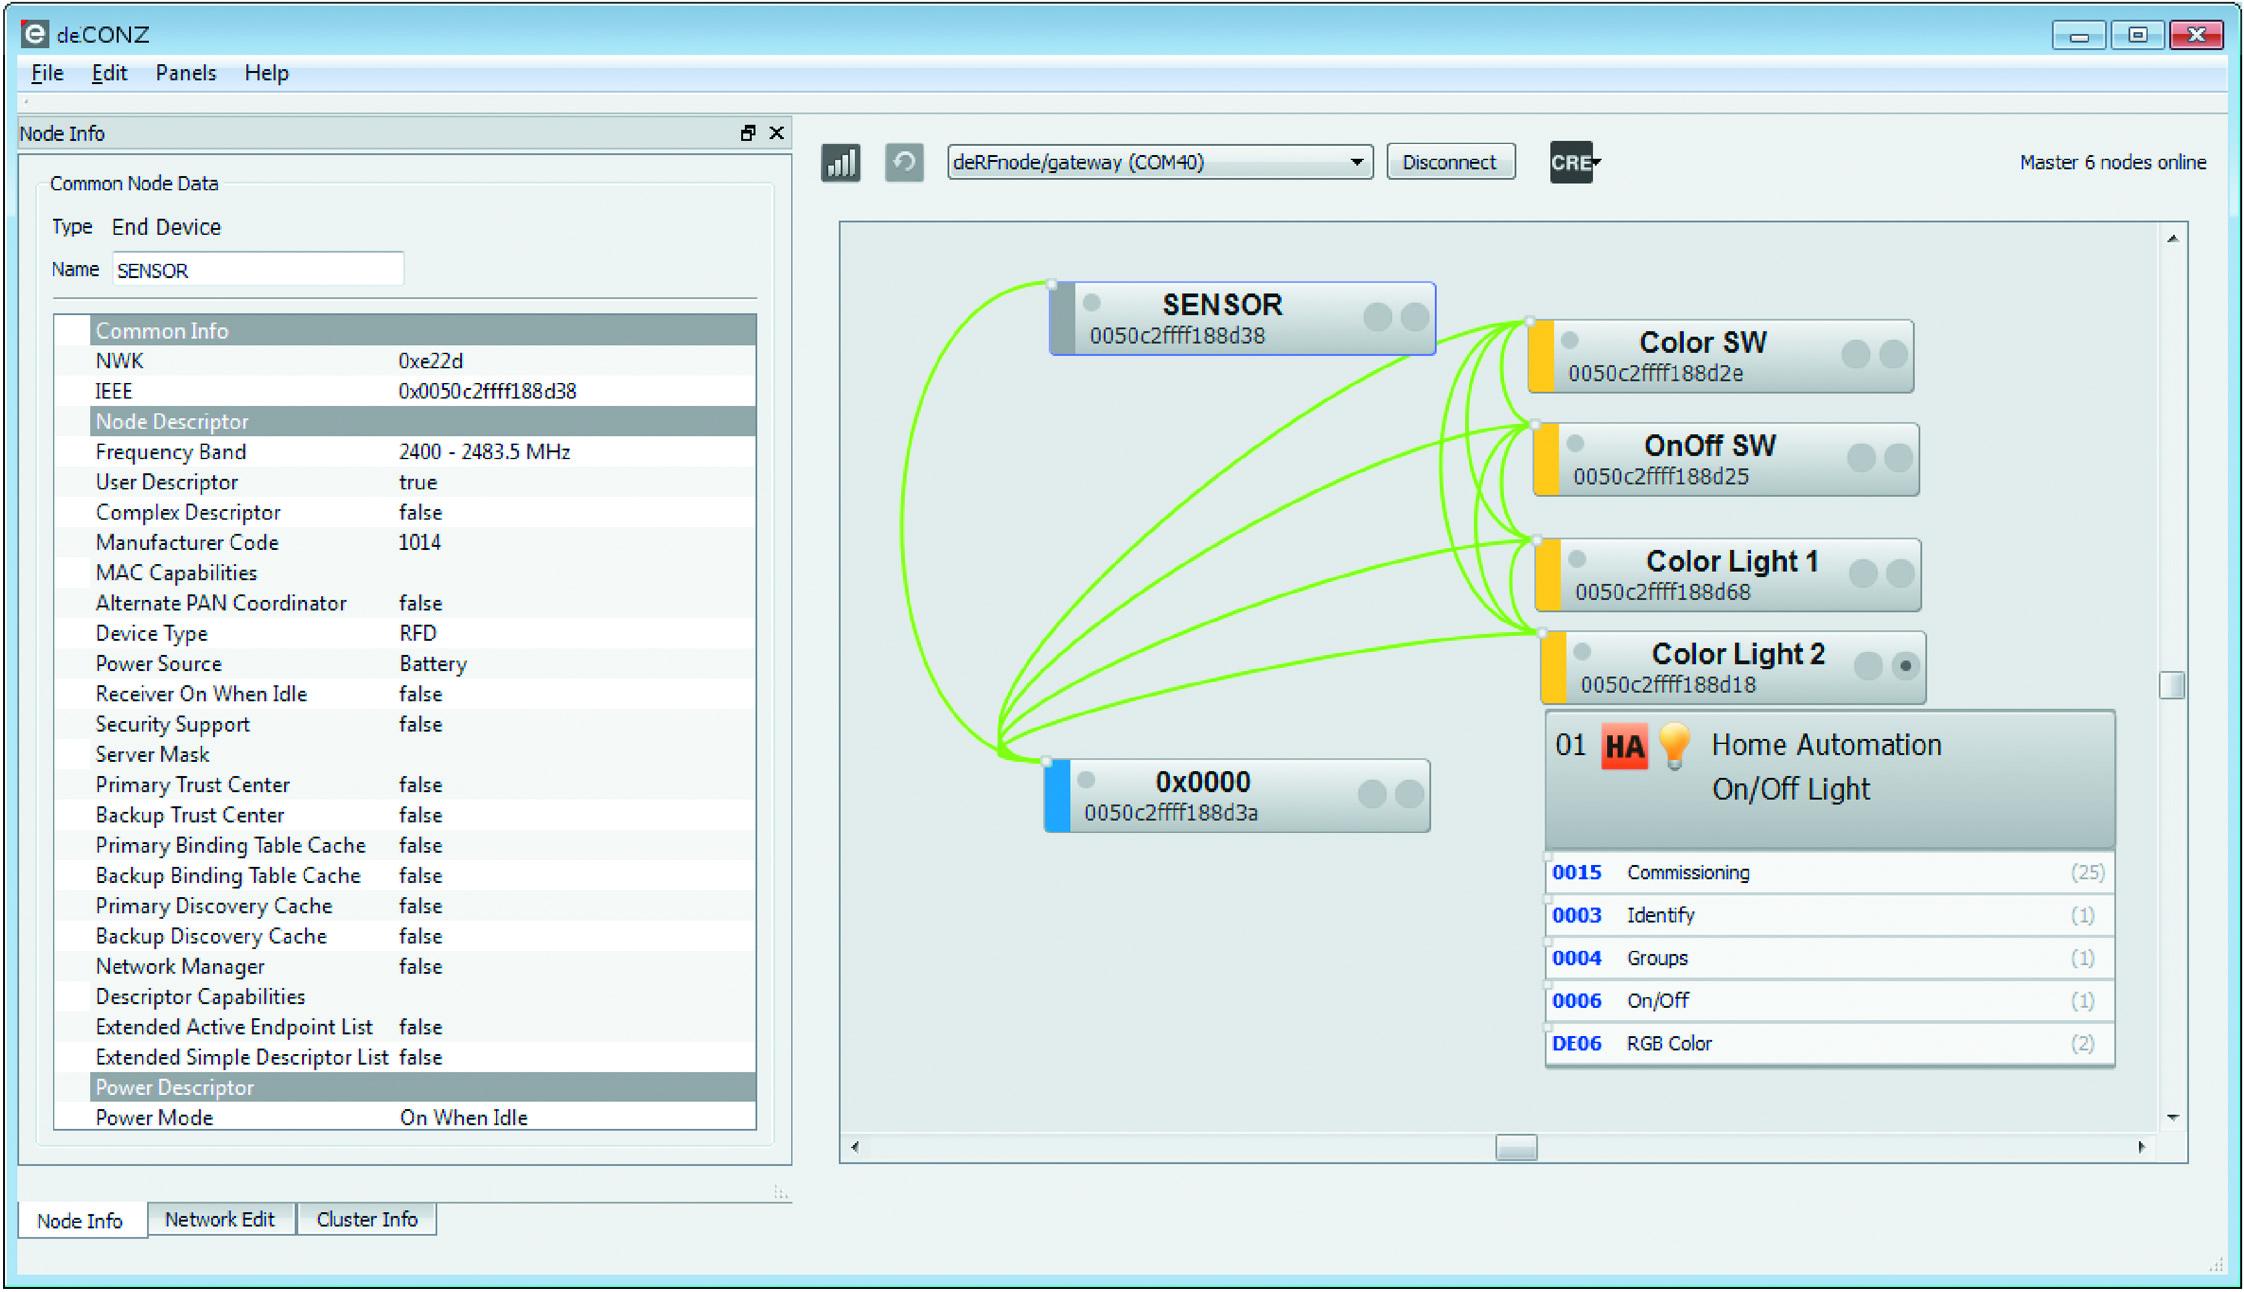 Графическое отображение ZigBee-узлов и логических связей между ними в программе deCONZ от компании Dresden Elektronik